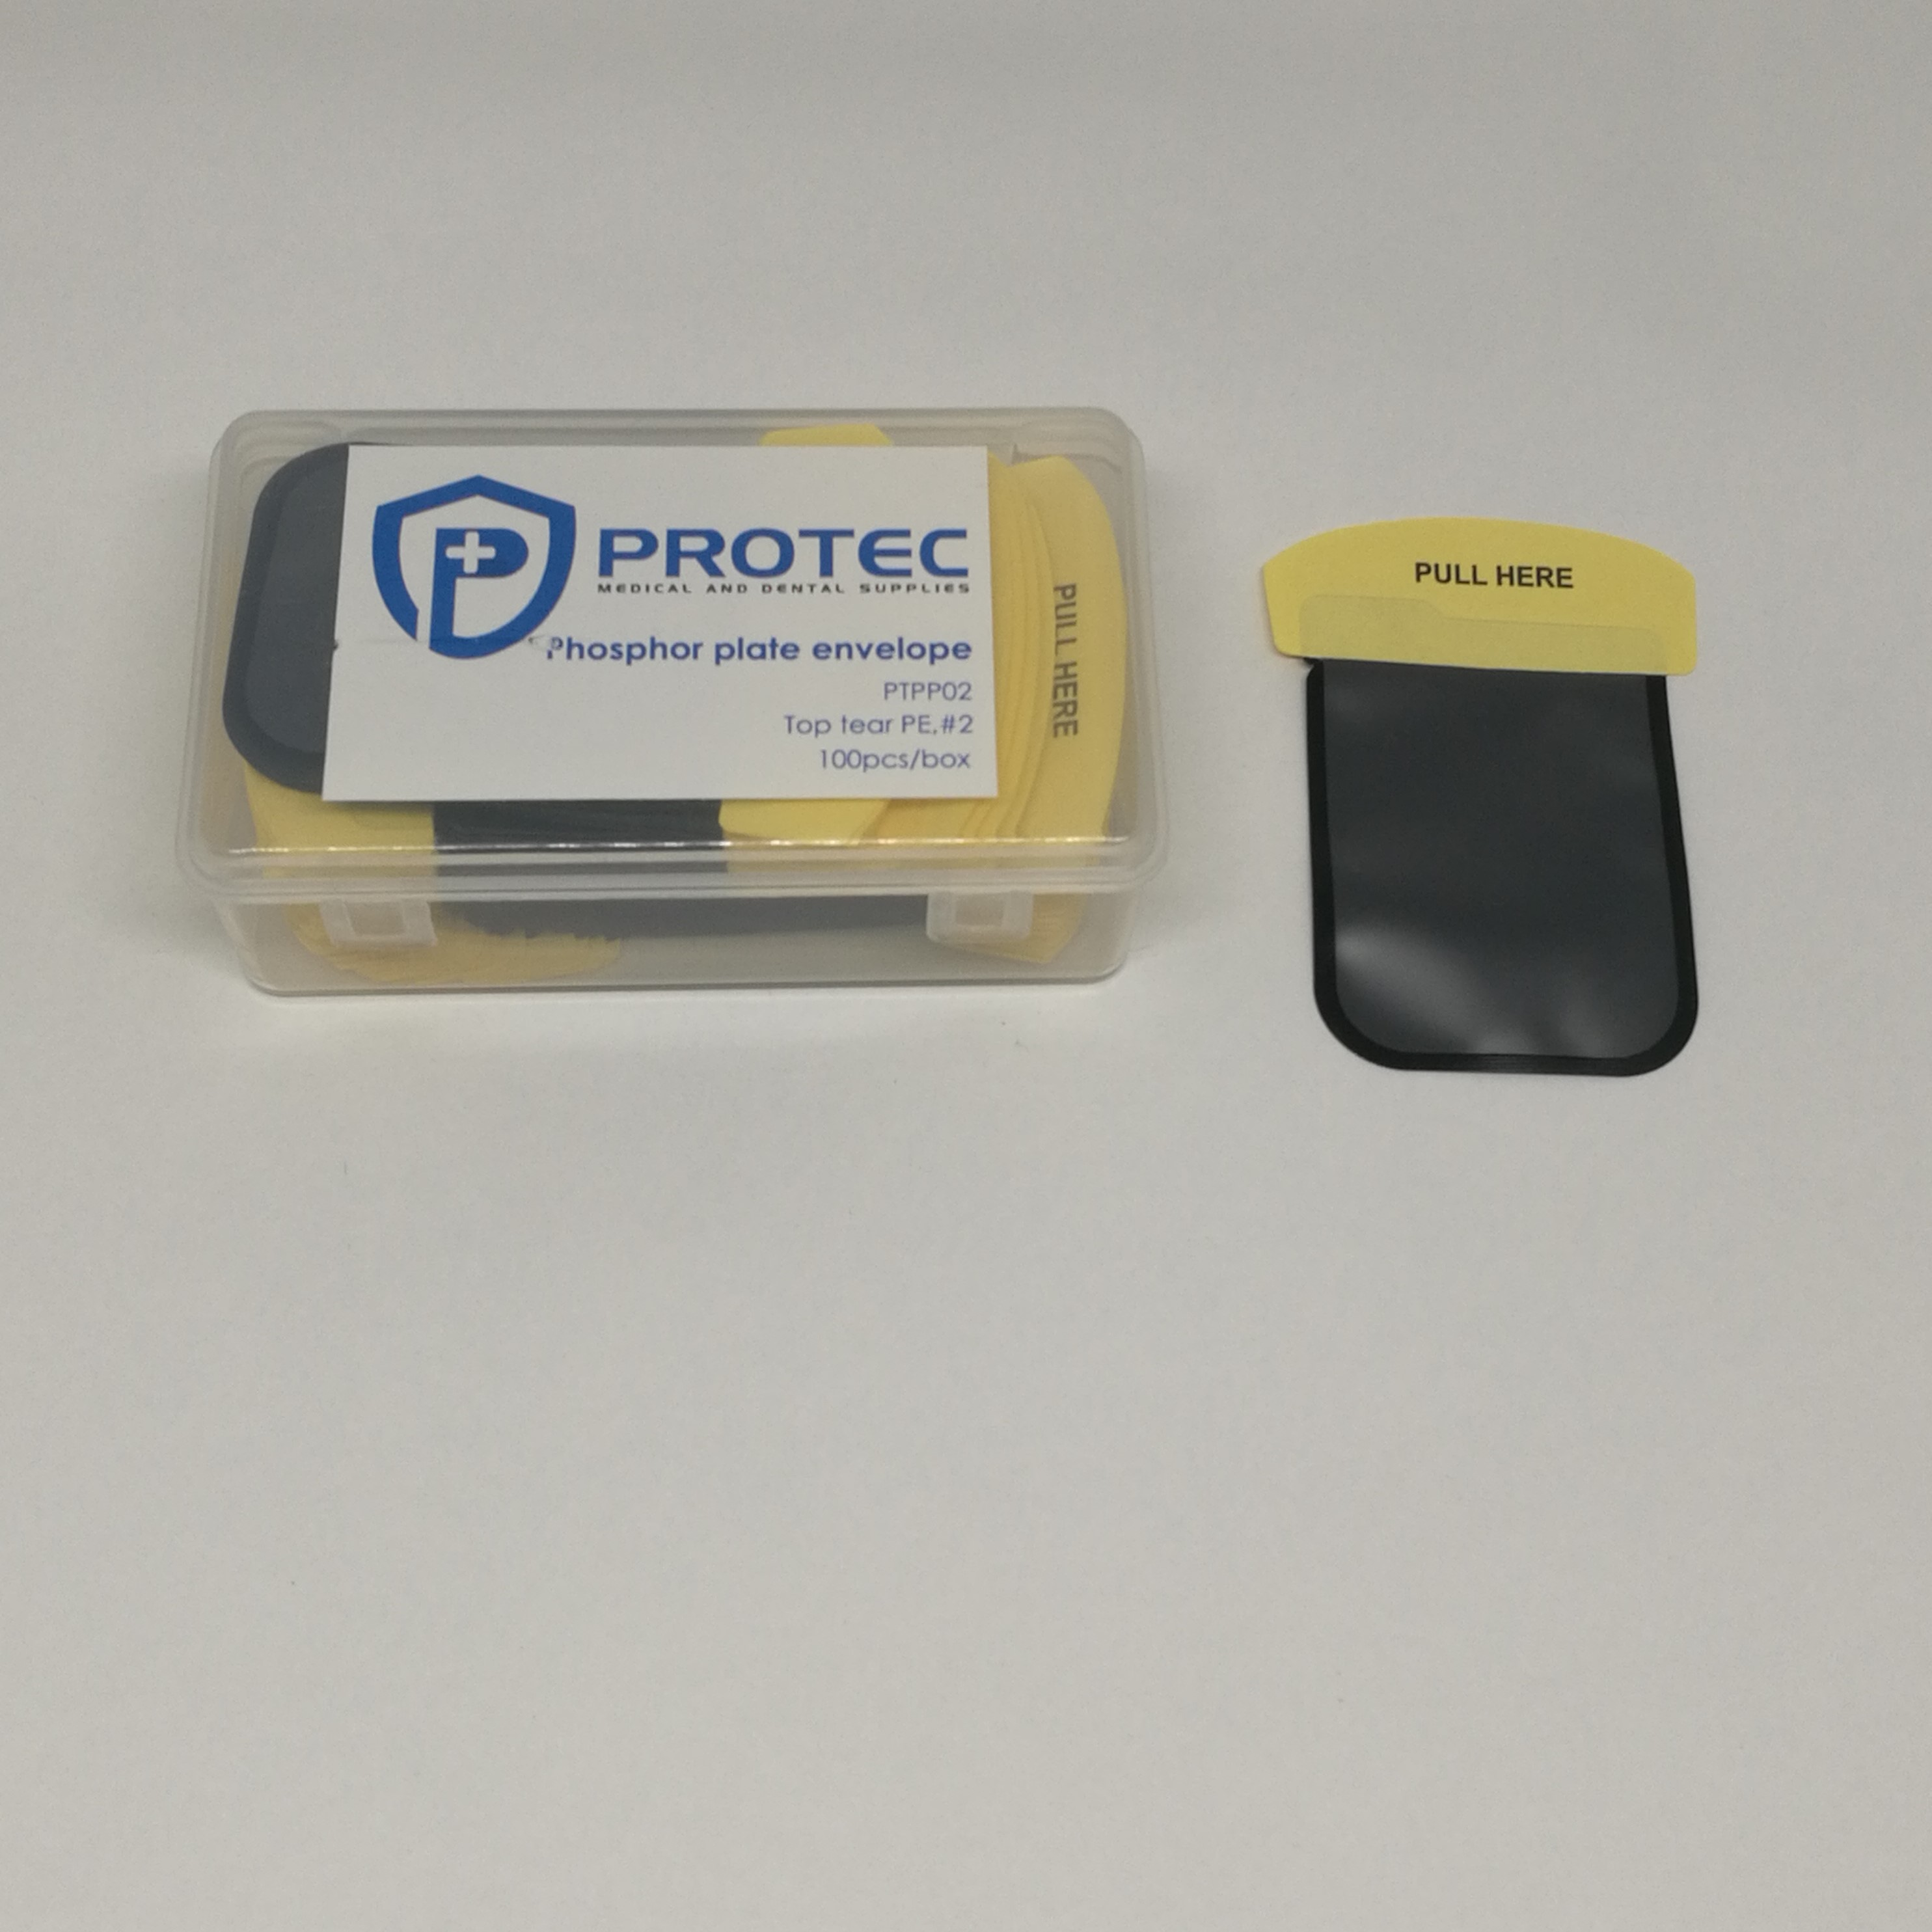 Phosphor plate envelope